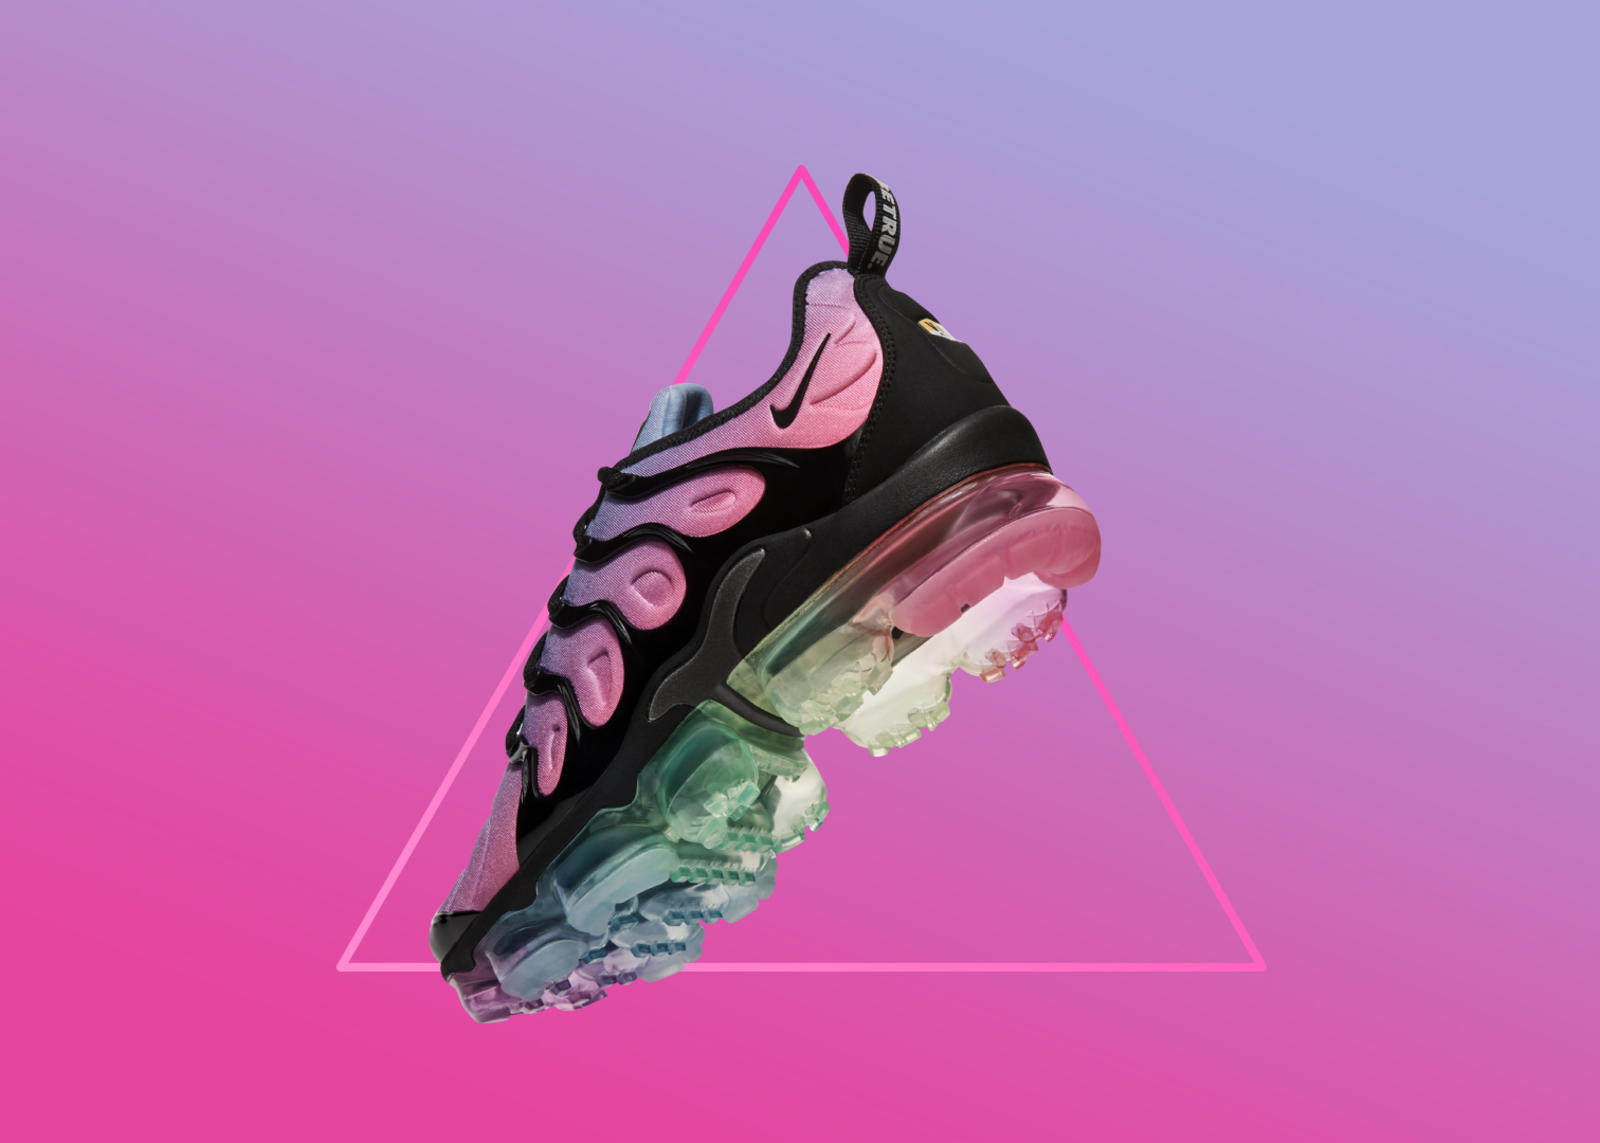 pride footwear nike 1